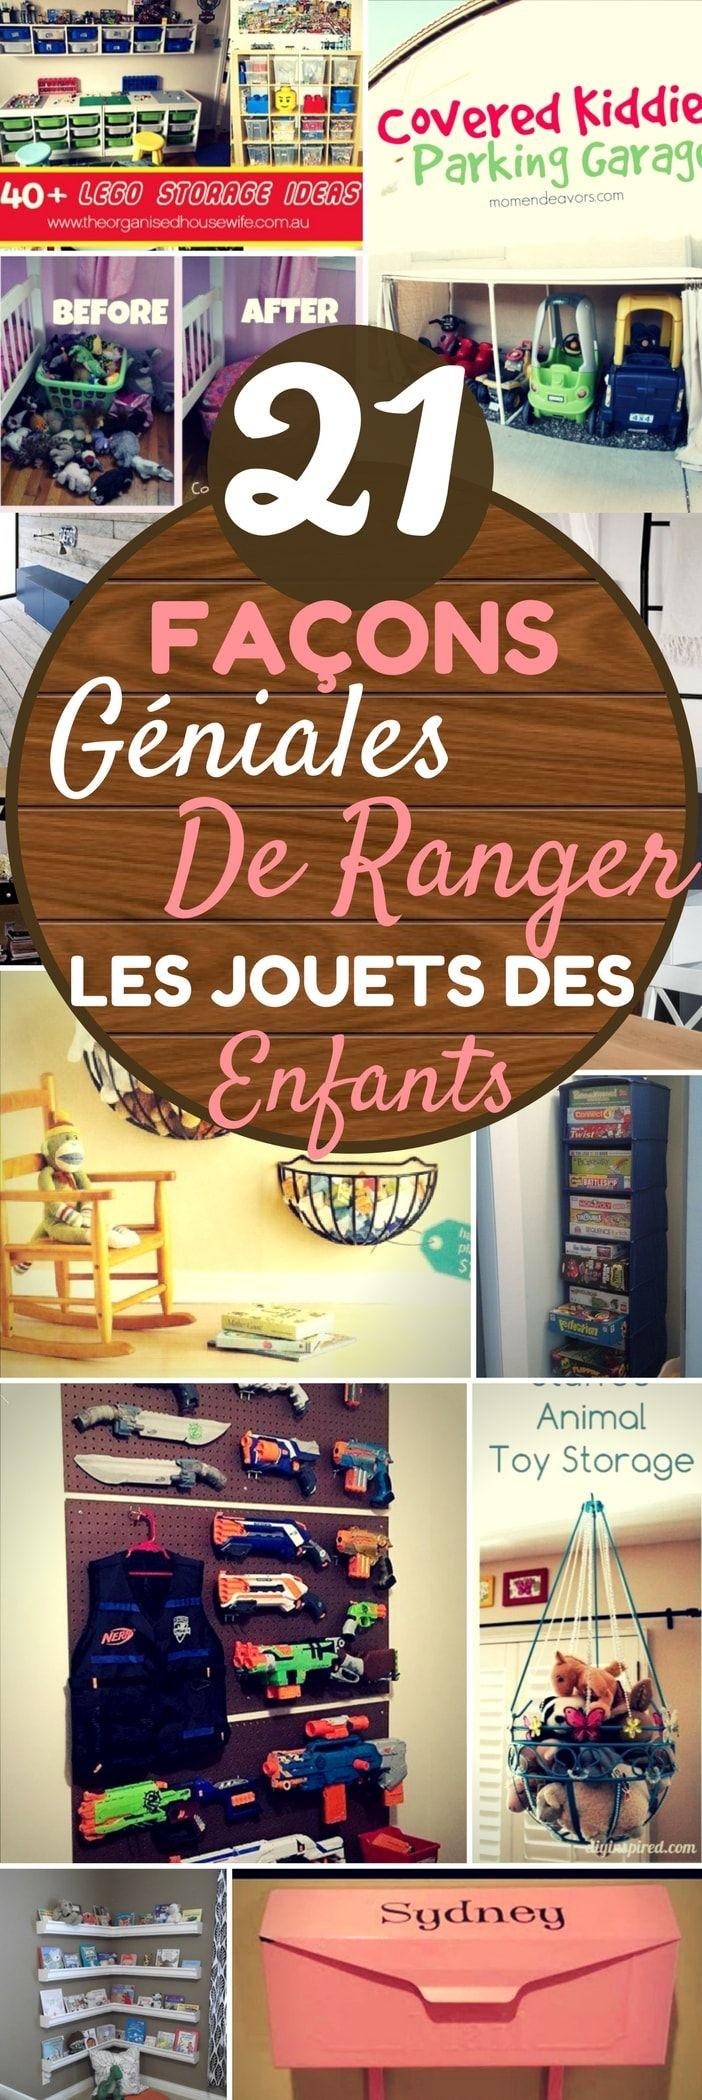 21 Facons Geniales De Ranger Les Jouets Des Enfants Rangement Jouet Enfant Rangement Jeux Rangement